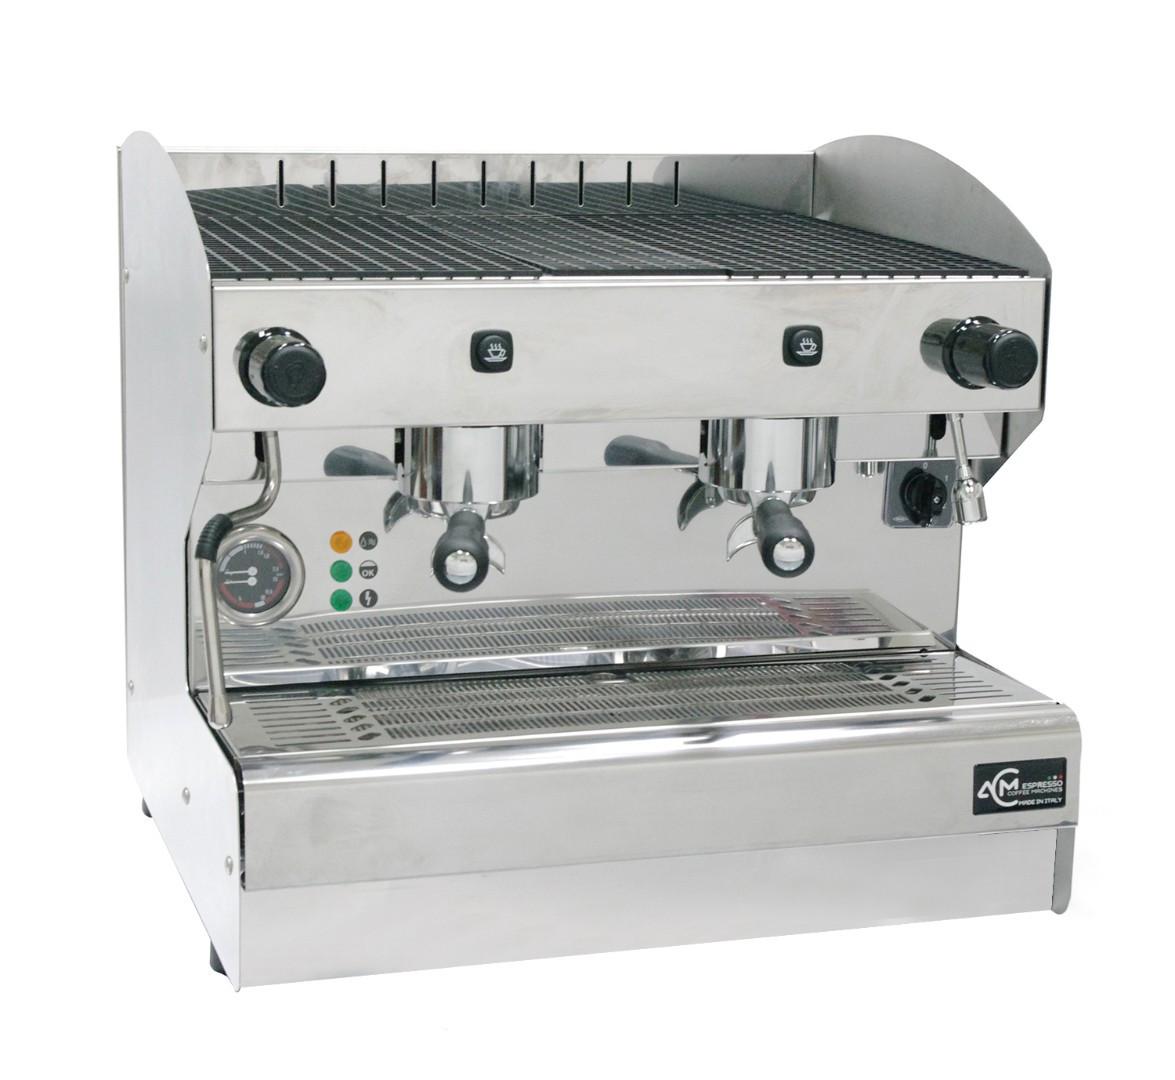 Кофемашина полуавтоматическая с 2 группами ACM Srl Rounder 2 GR Compatta INOX (ACMRD002CSIX)